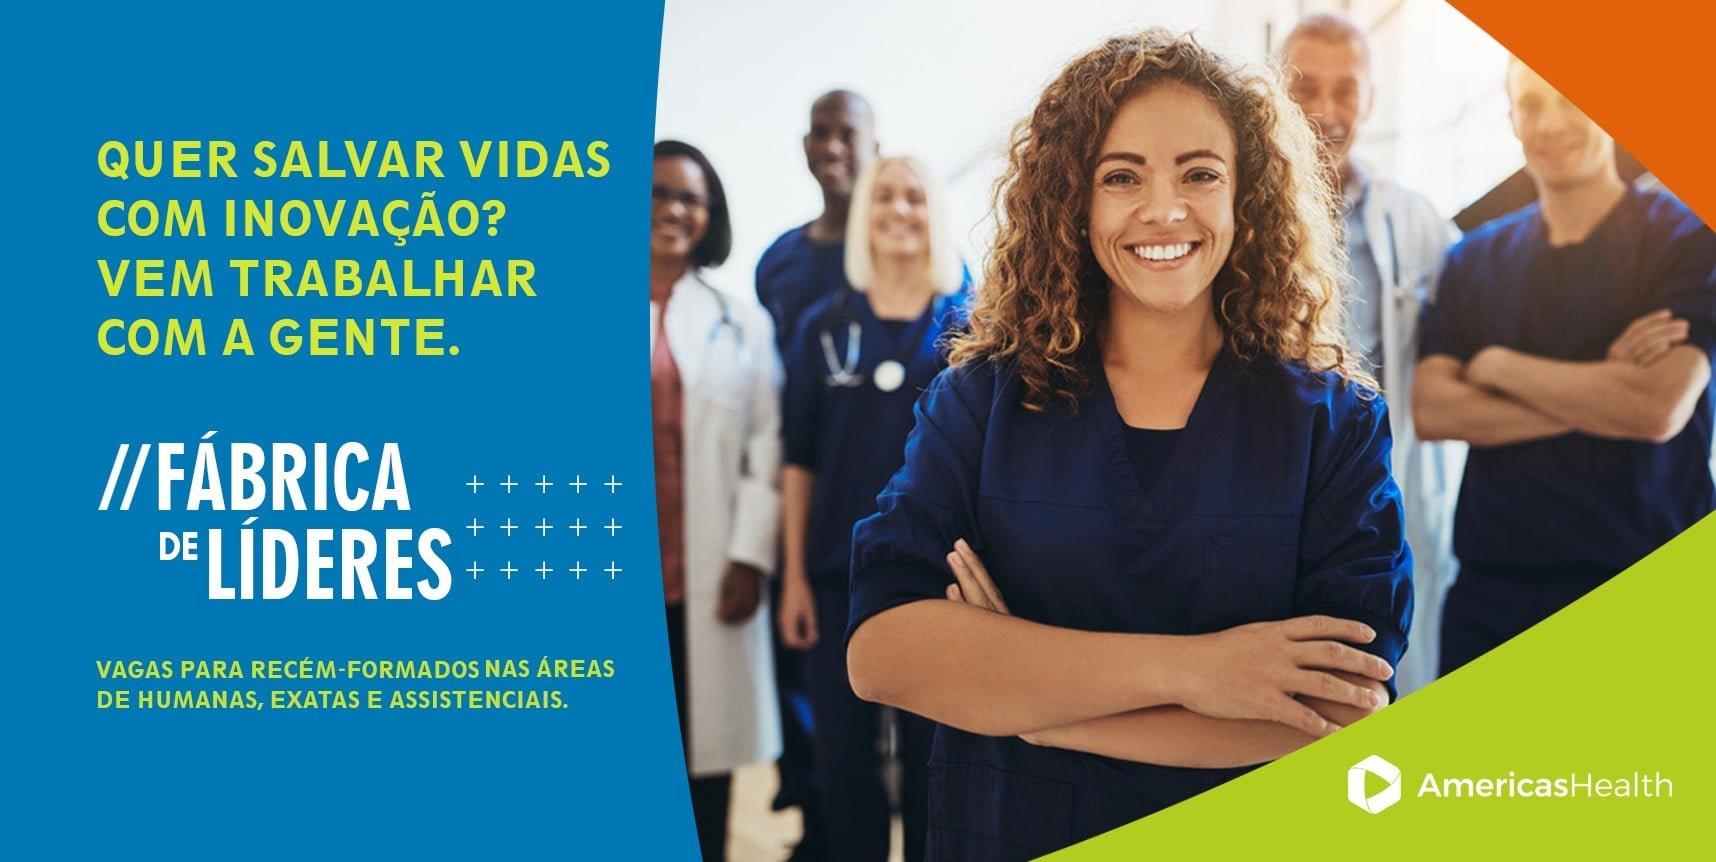 O Programa de Trainee Assistência Americas Health busca profissionais motivados para o desafio de salvar vidas.